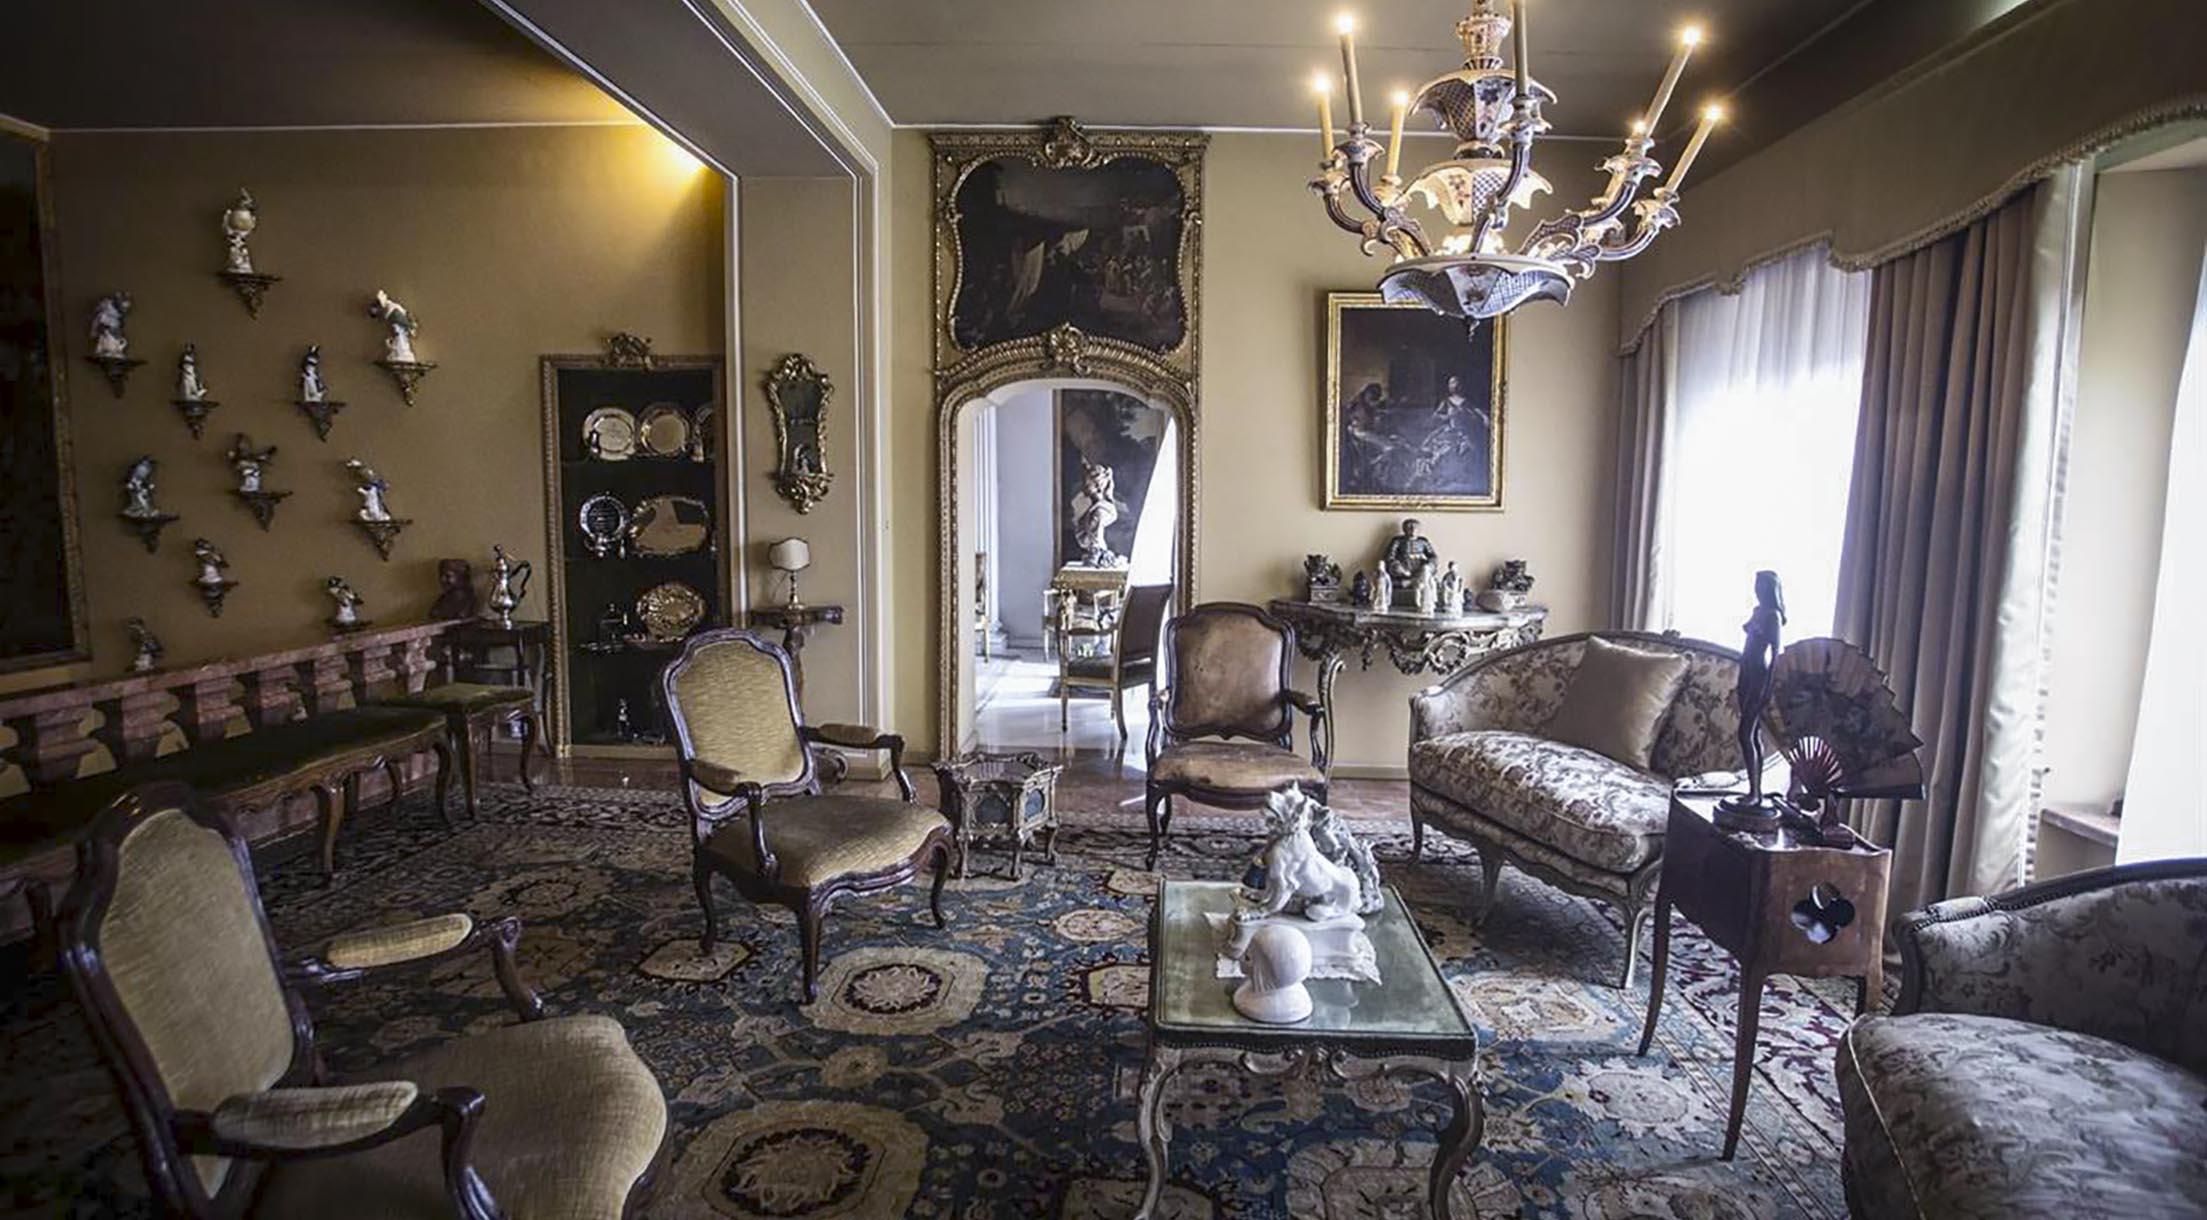 Apertura speciale con visita guidata alla casa di Alberto Sordi a Roma